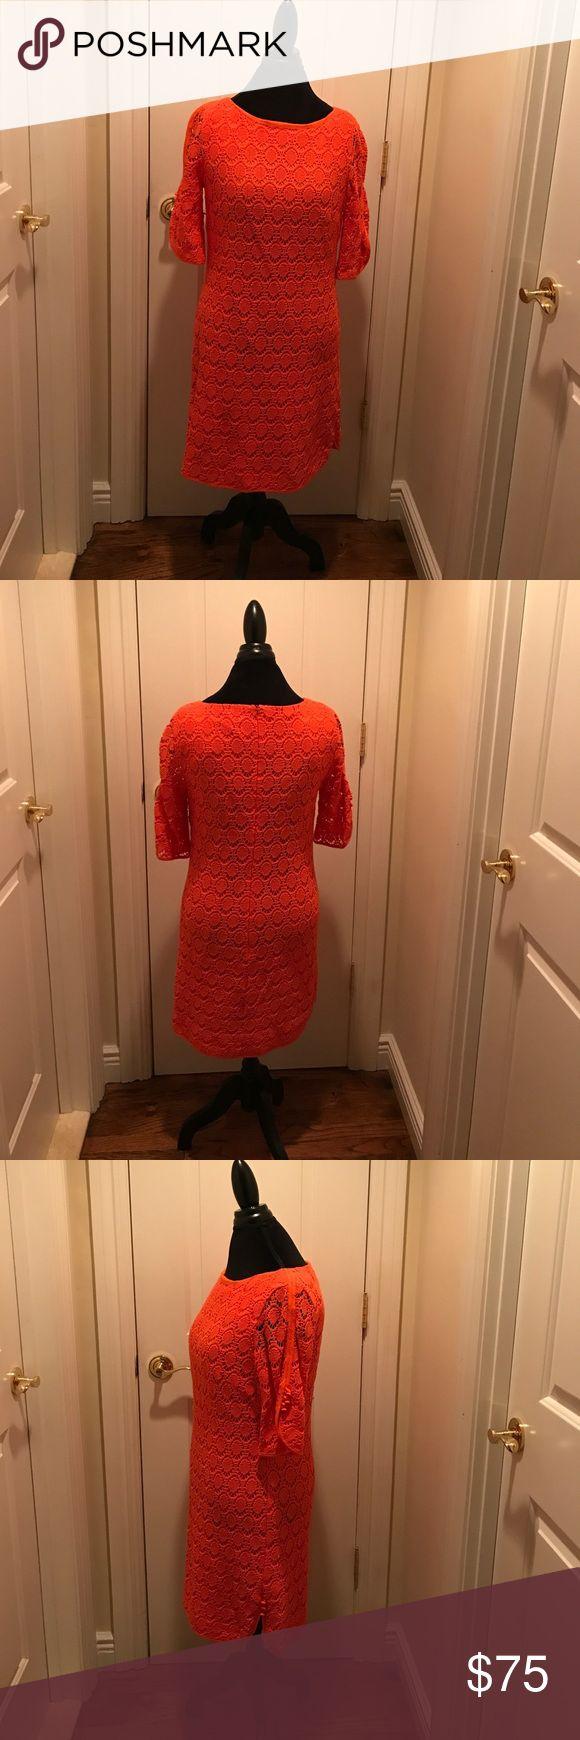 Trina Turk Lace Dress Orange Lace Dress Trina Turk- Like New -Worn 1 Time Trina Turk Dresses Midi